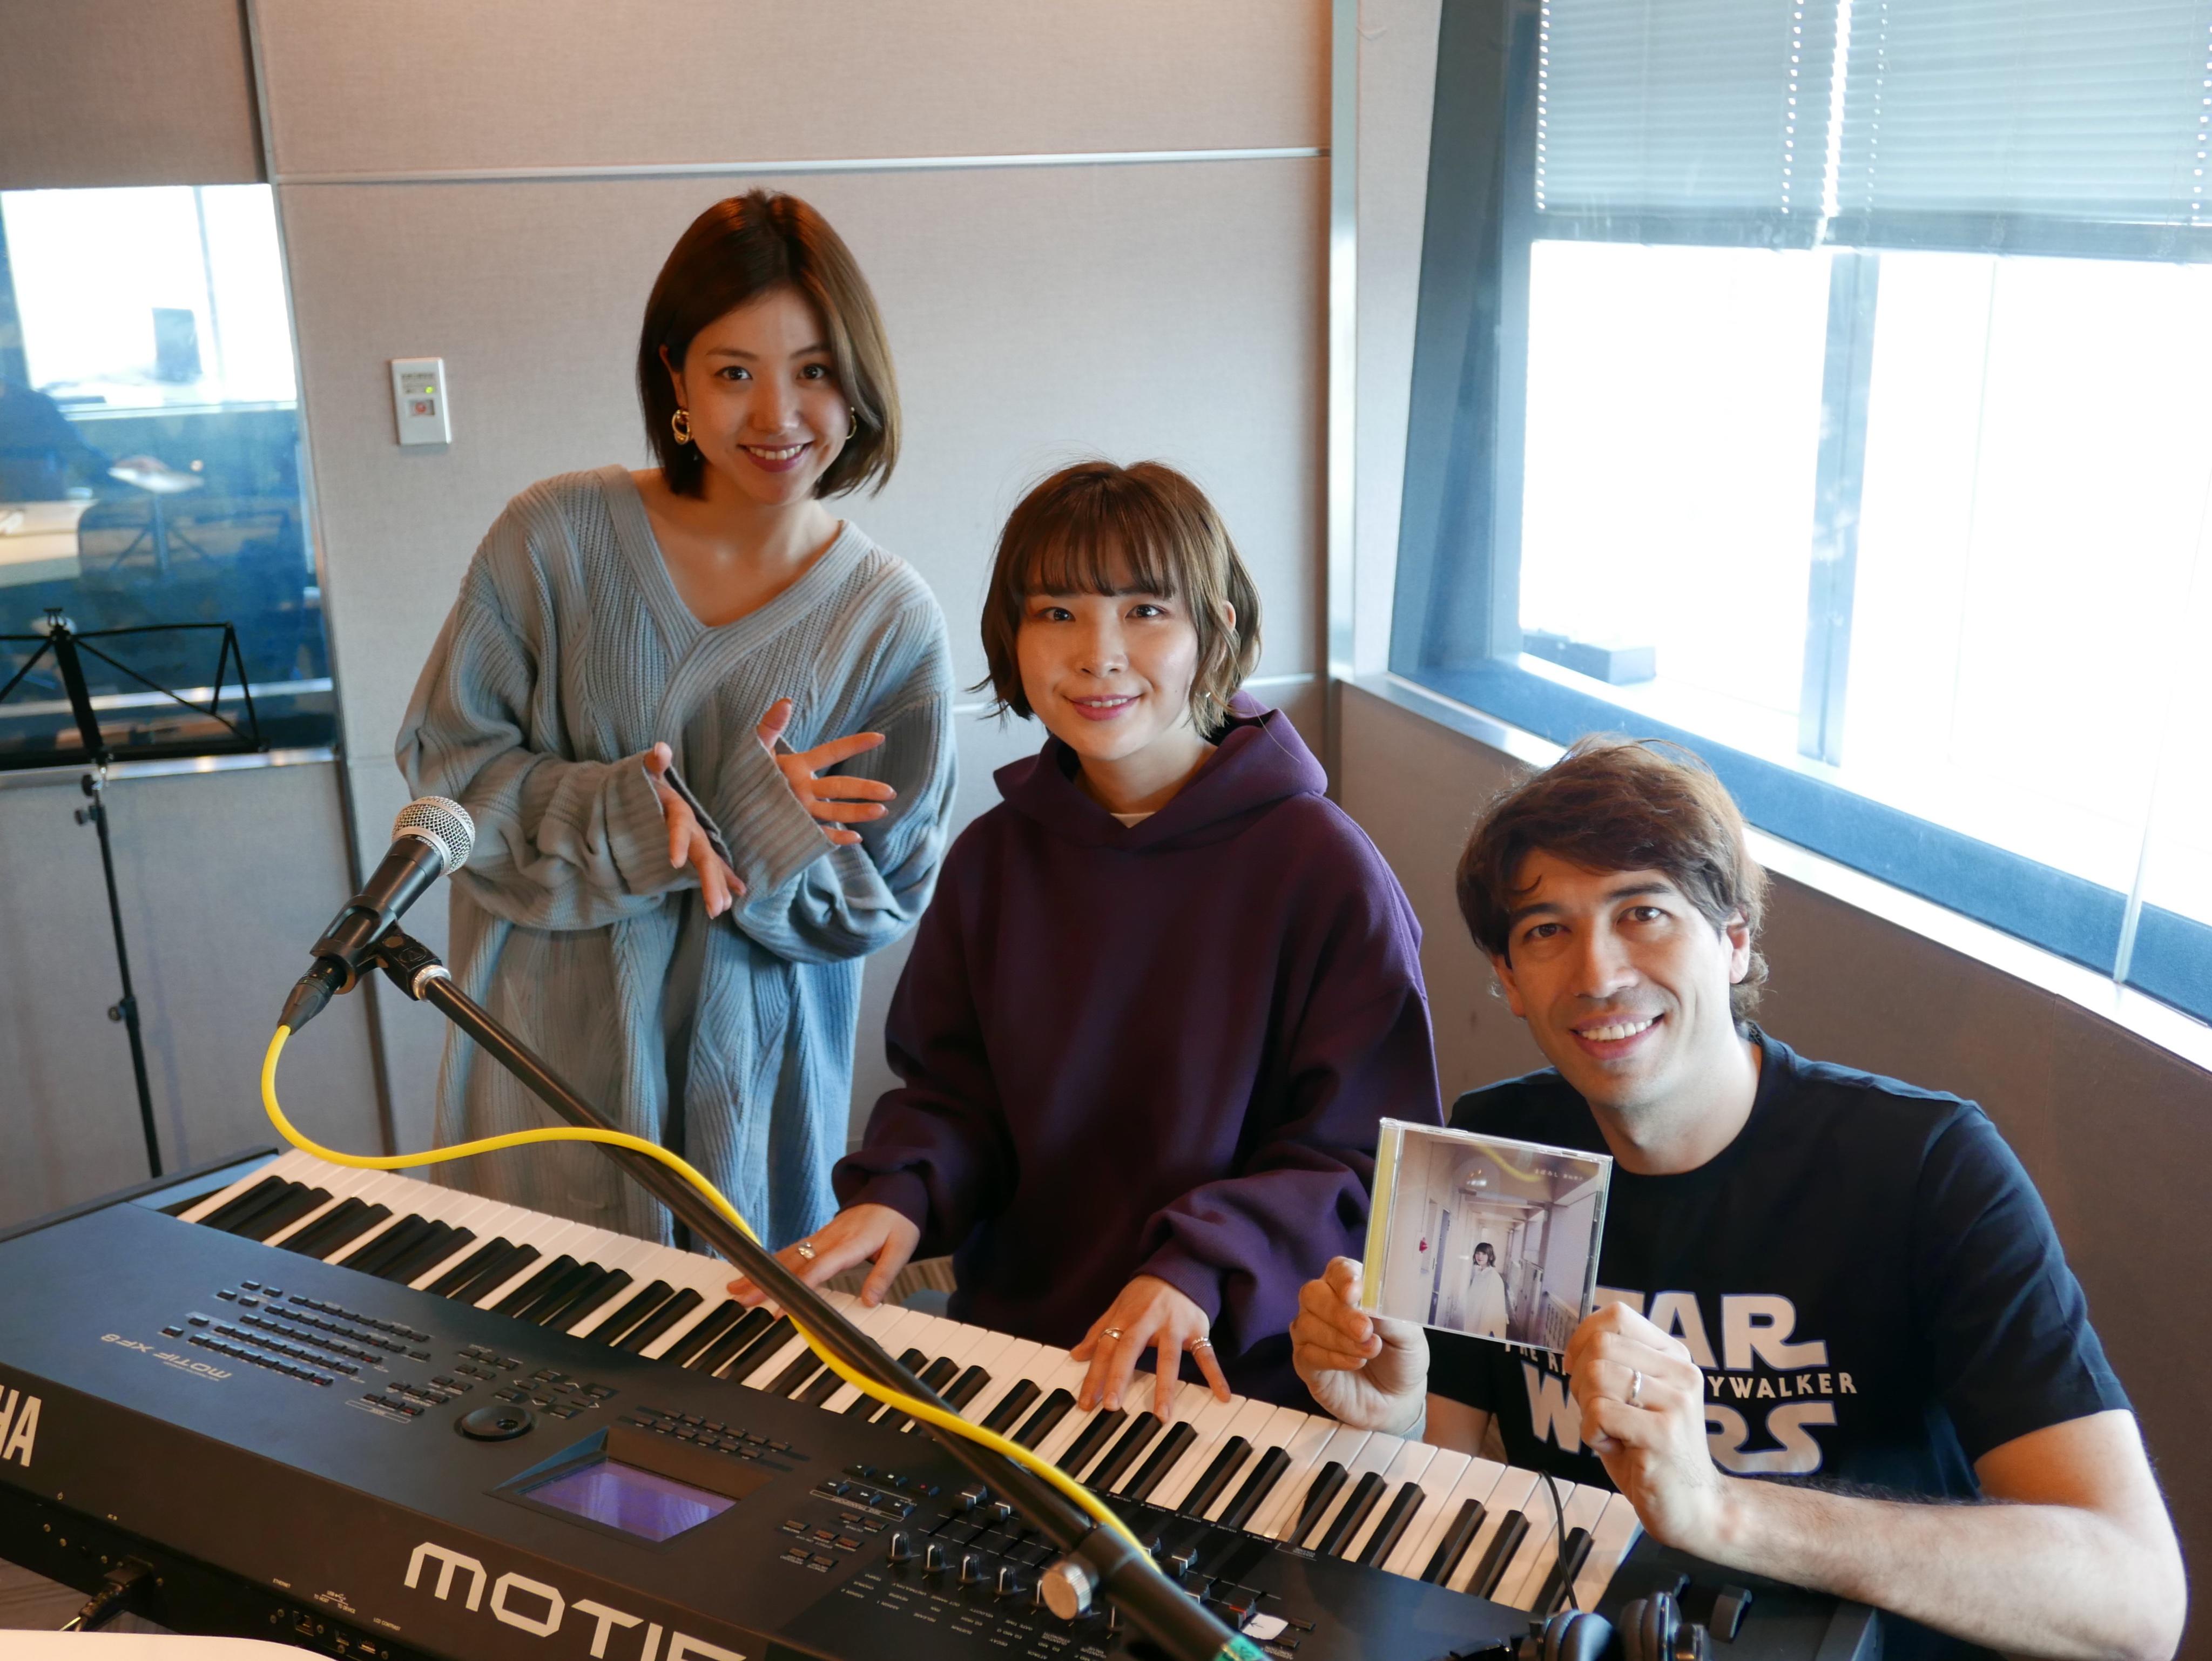 蒼山幸子、ねごとの解散ツアー後は「ポカンとしてしまいました」